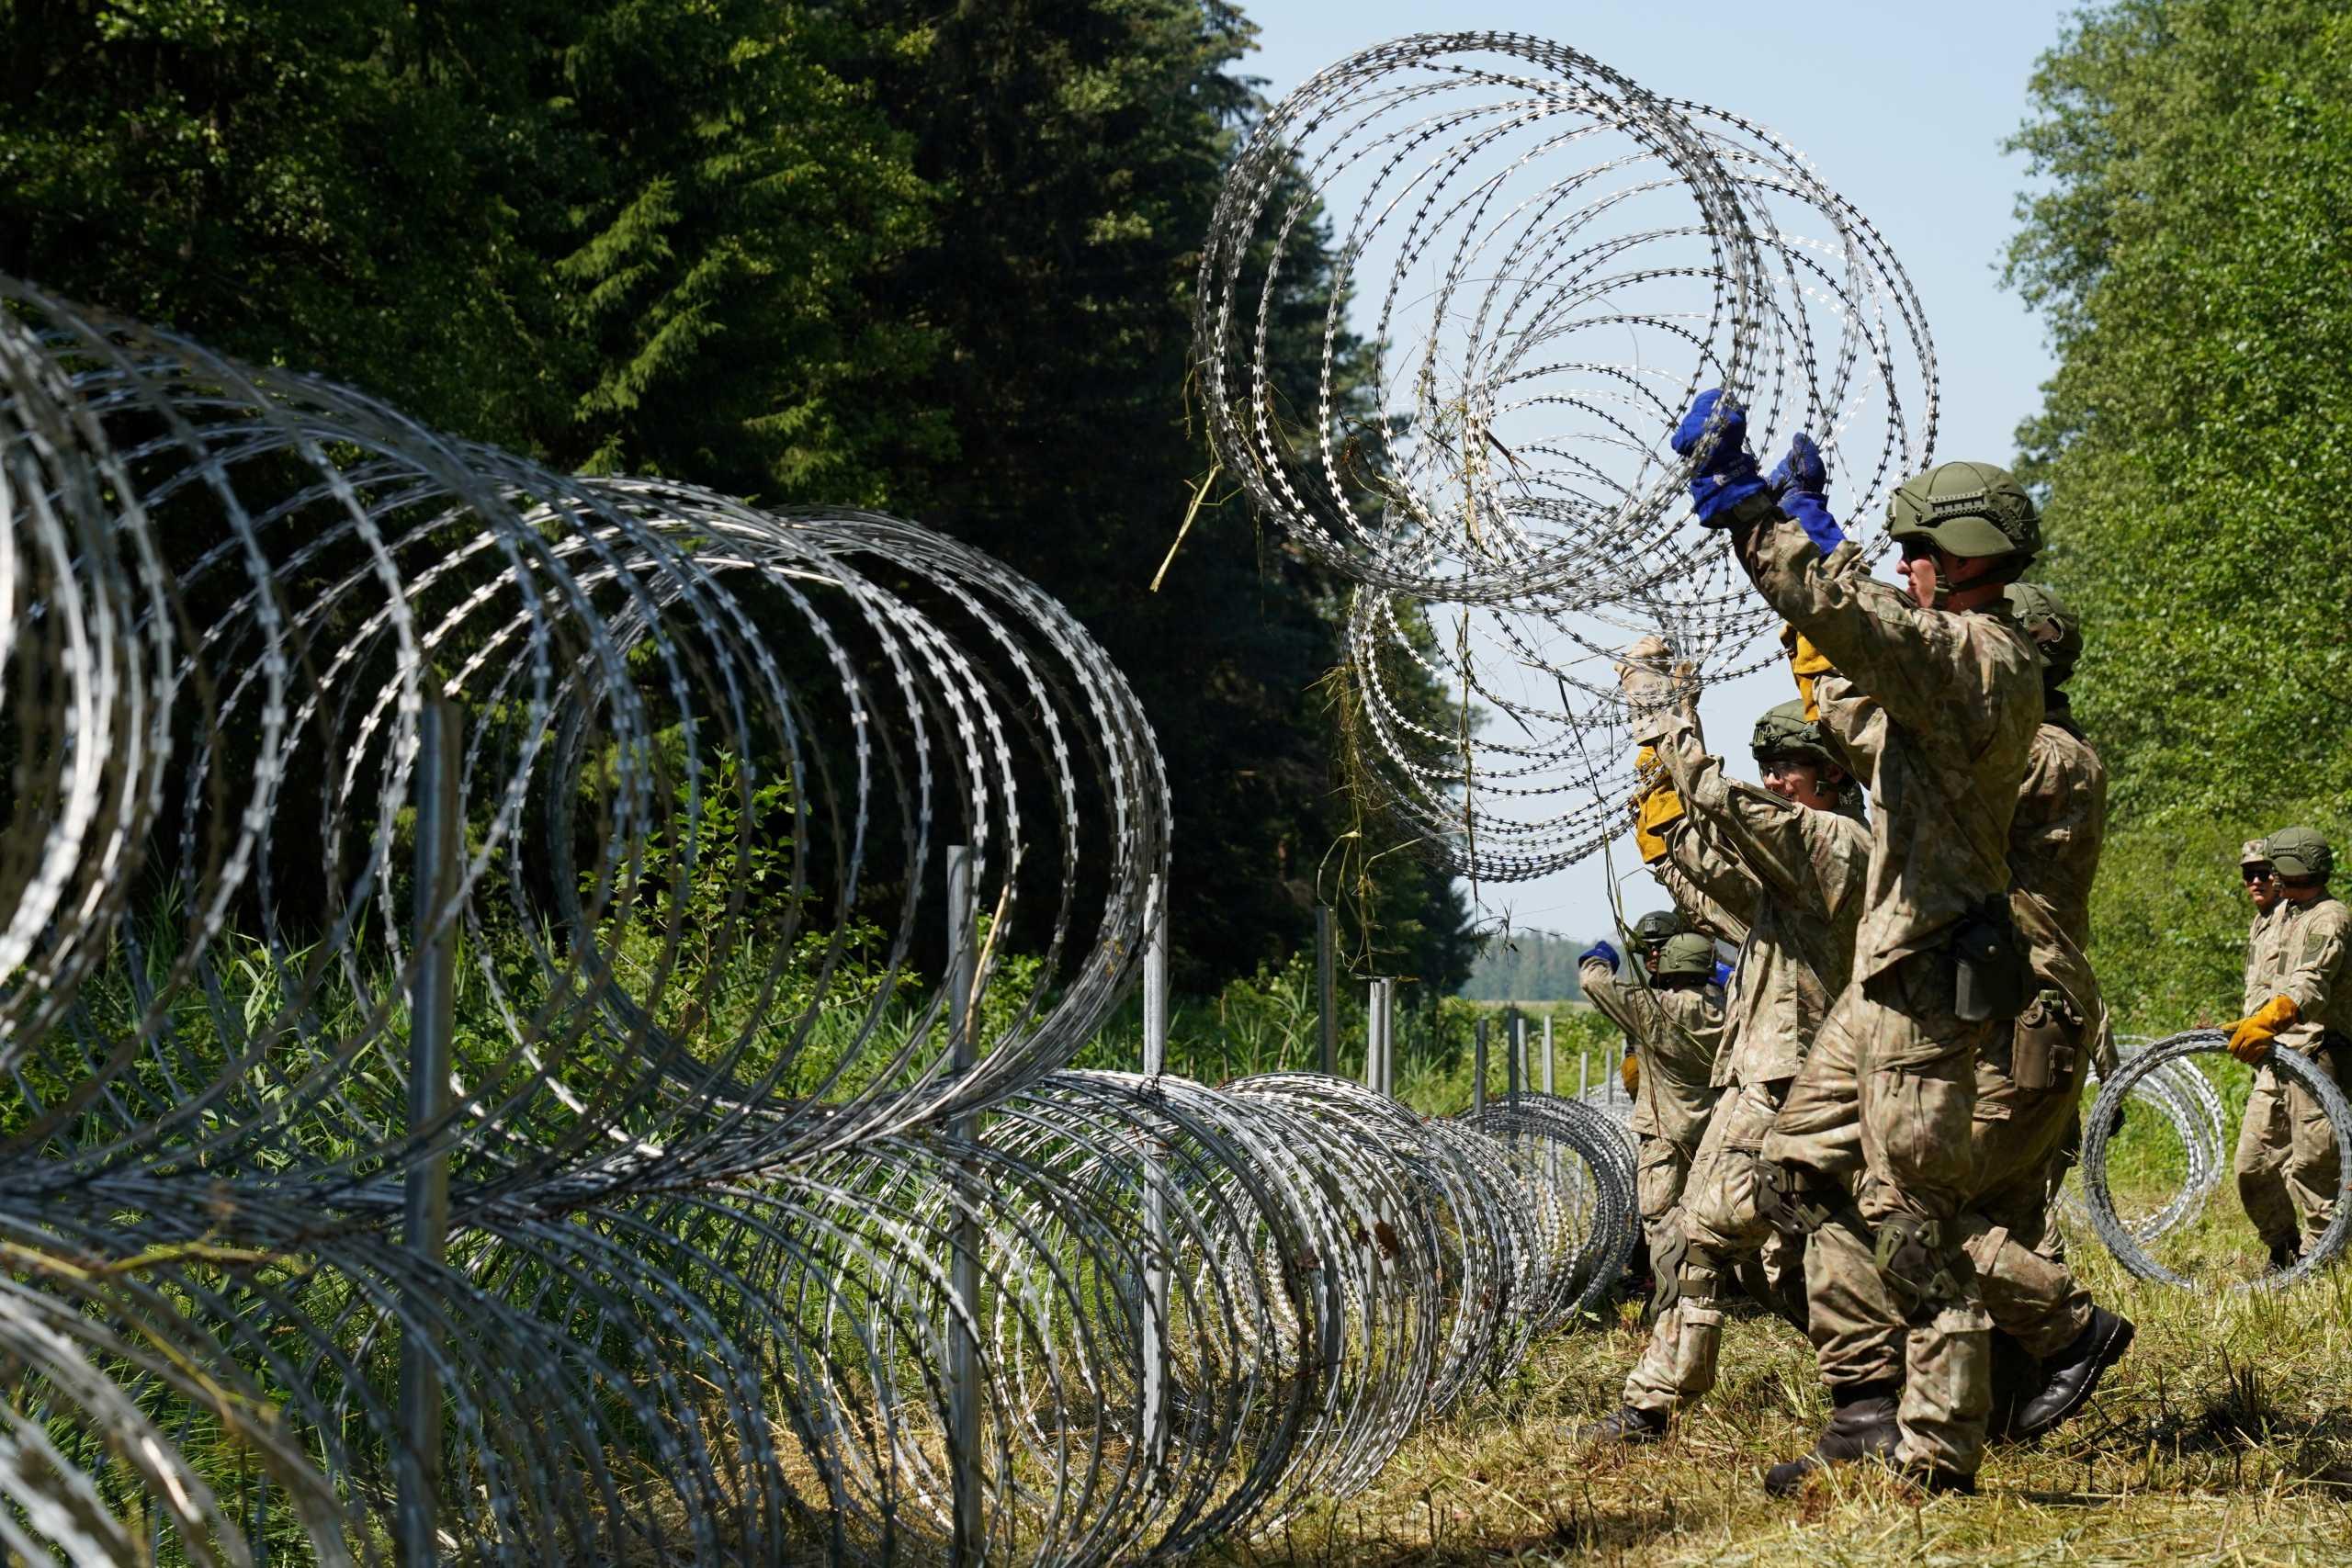 Πολωνία: Θα κατασκευάσει τείχος αξίας 400 εκατ. δολαρίων στα σύνορα με τη Λευκορωσία